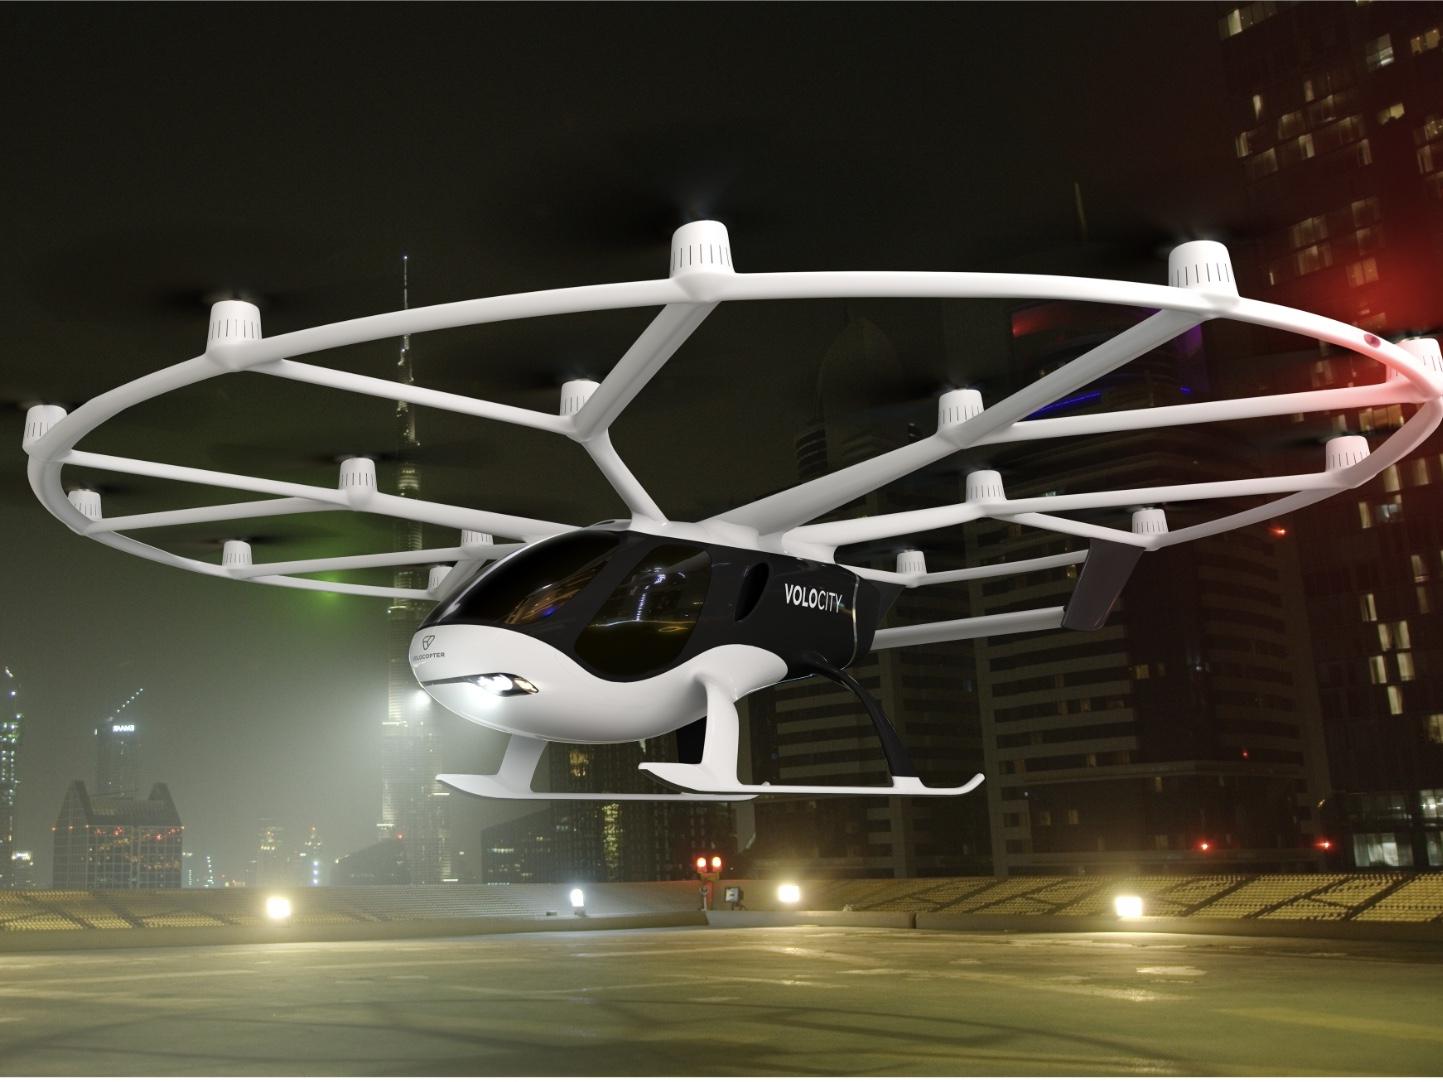 2人乗りで35キロ飛行! Volocopter が初の空飛ぶタクシー商業用機体「VoloCity」を公開